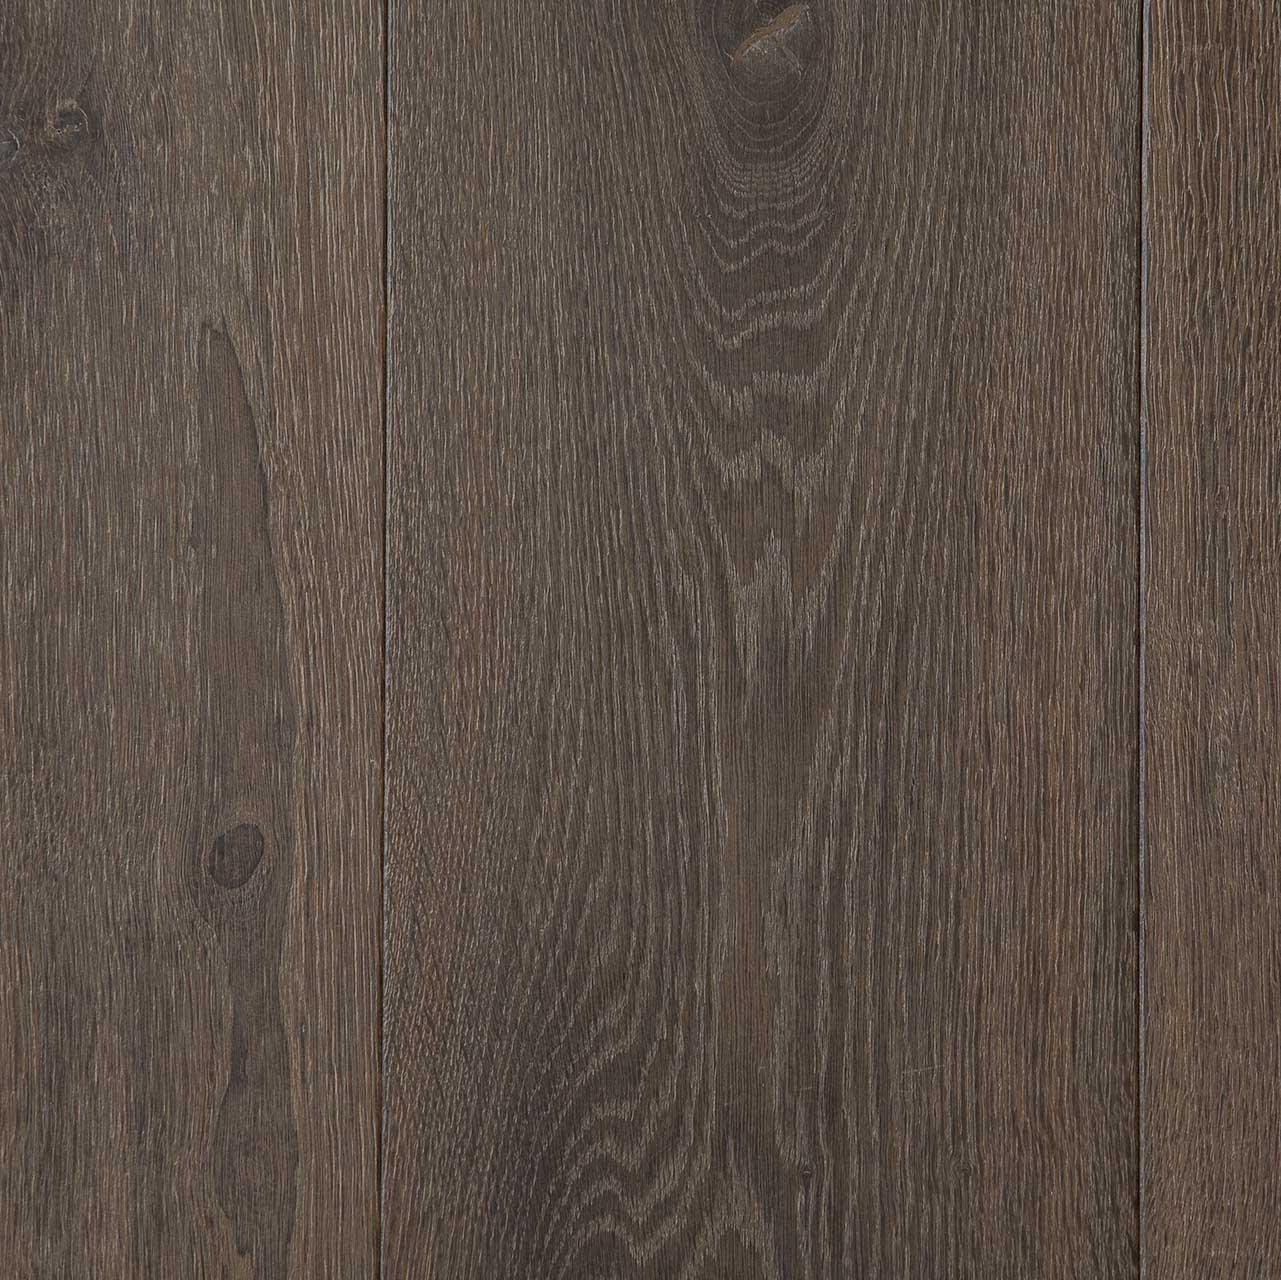 Black Forest - parquet Wood Flooring